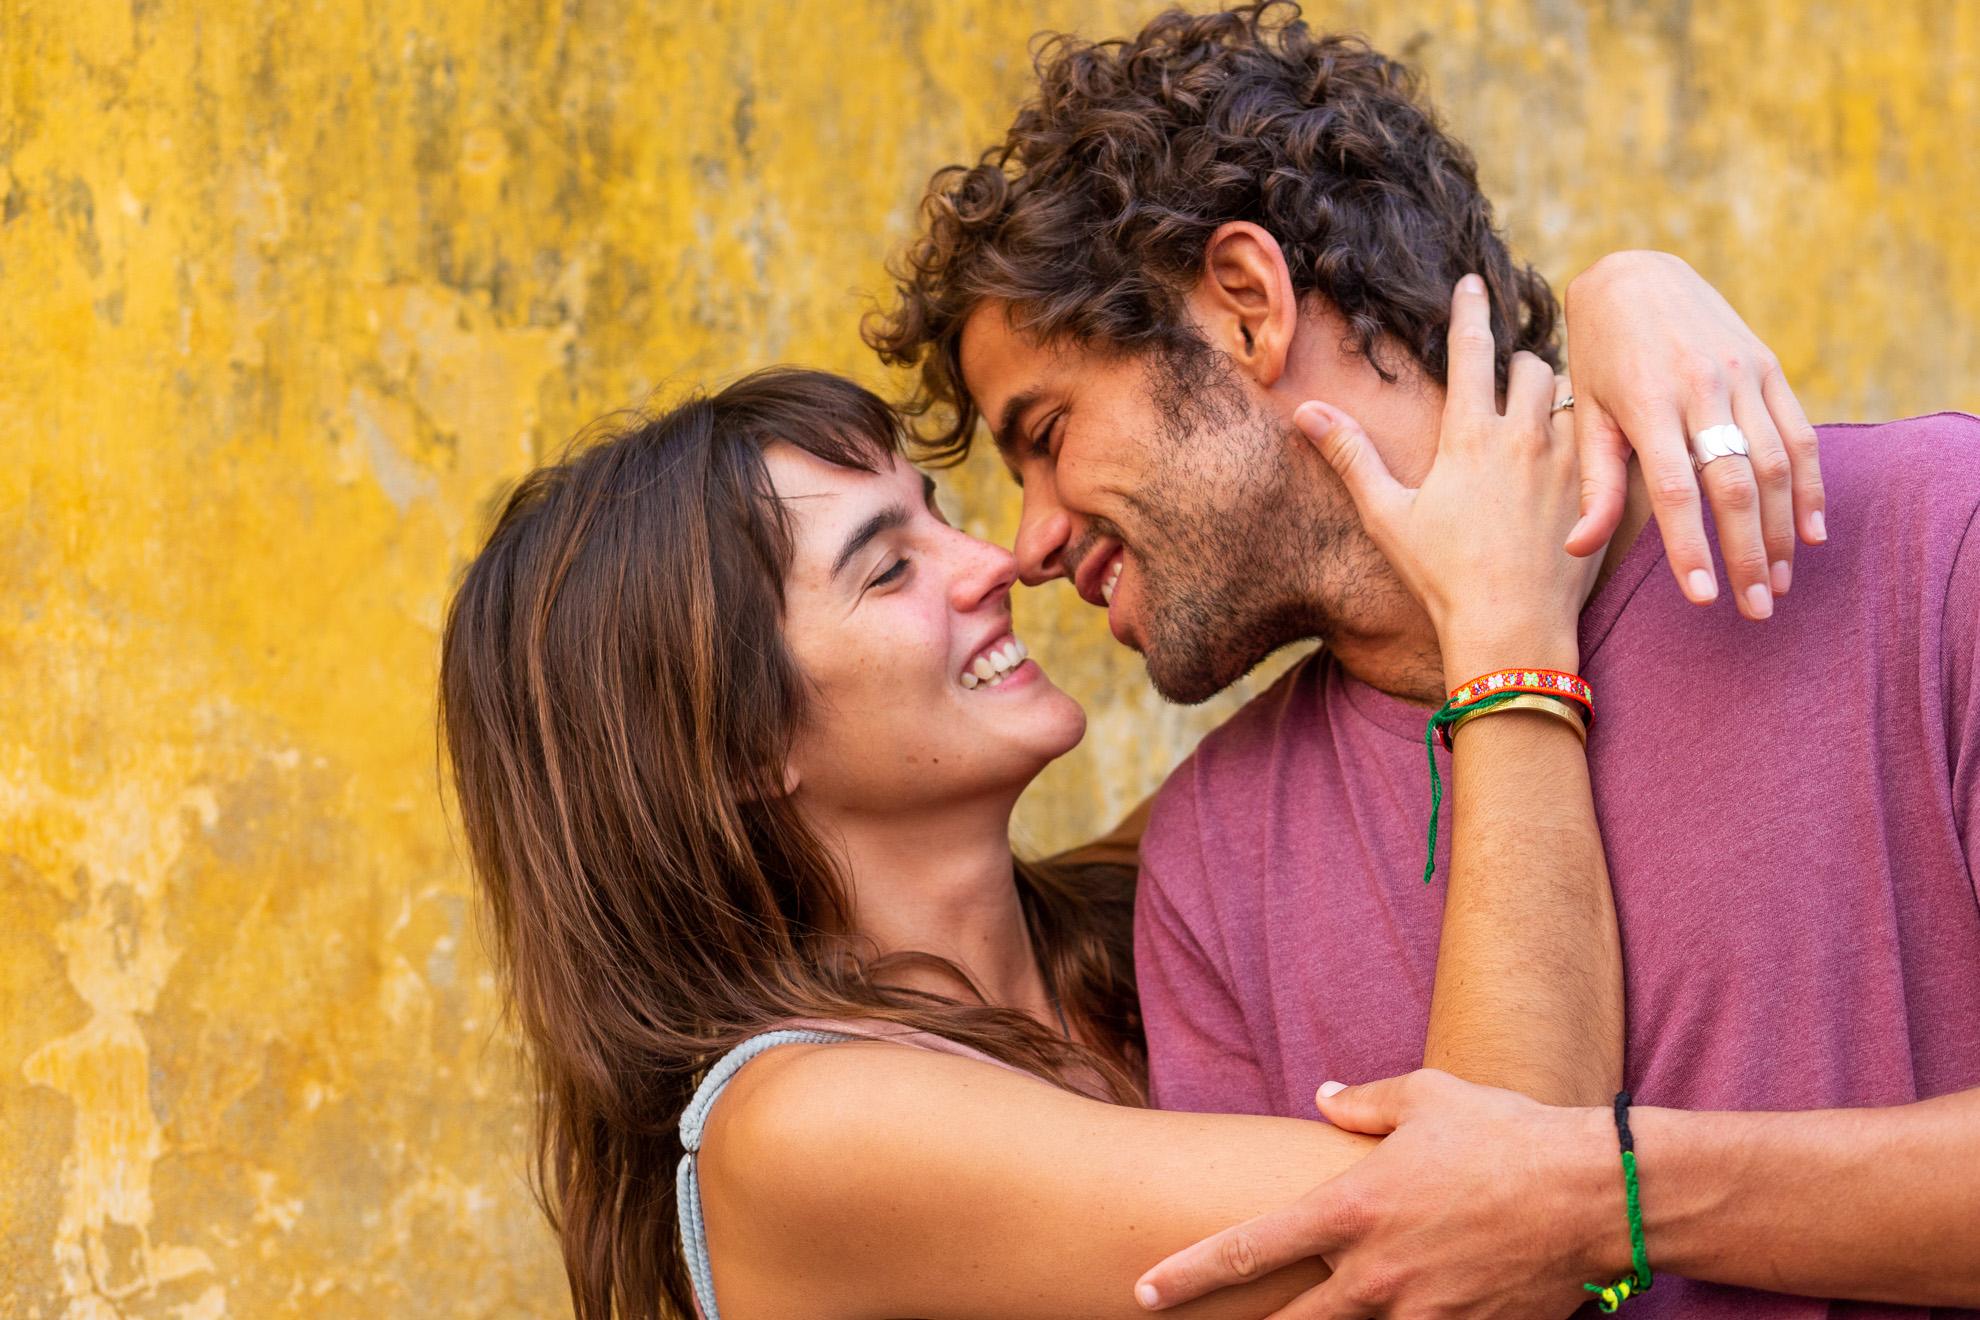 O Saillard Photographe - Benji y Julieta-006.jpg